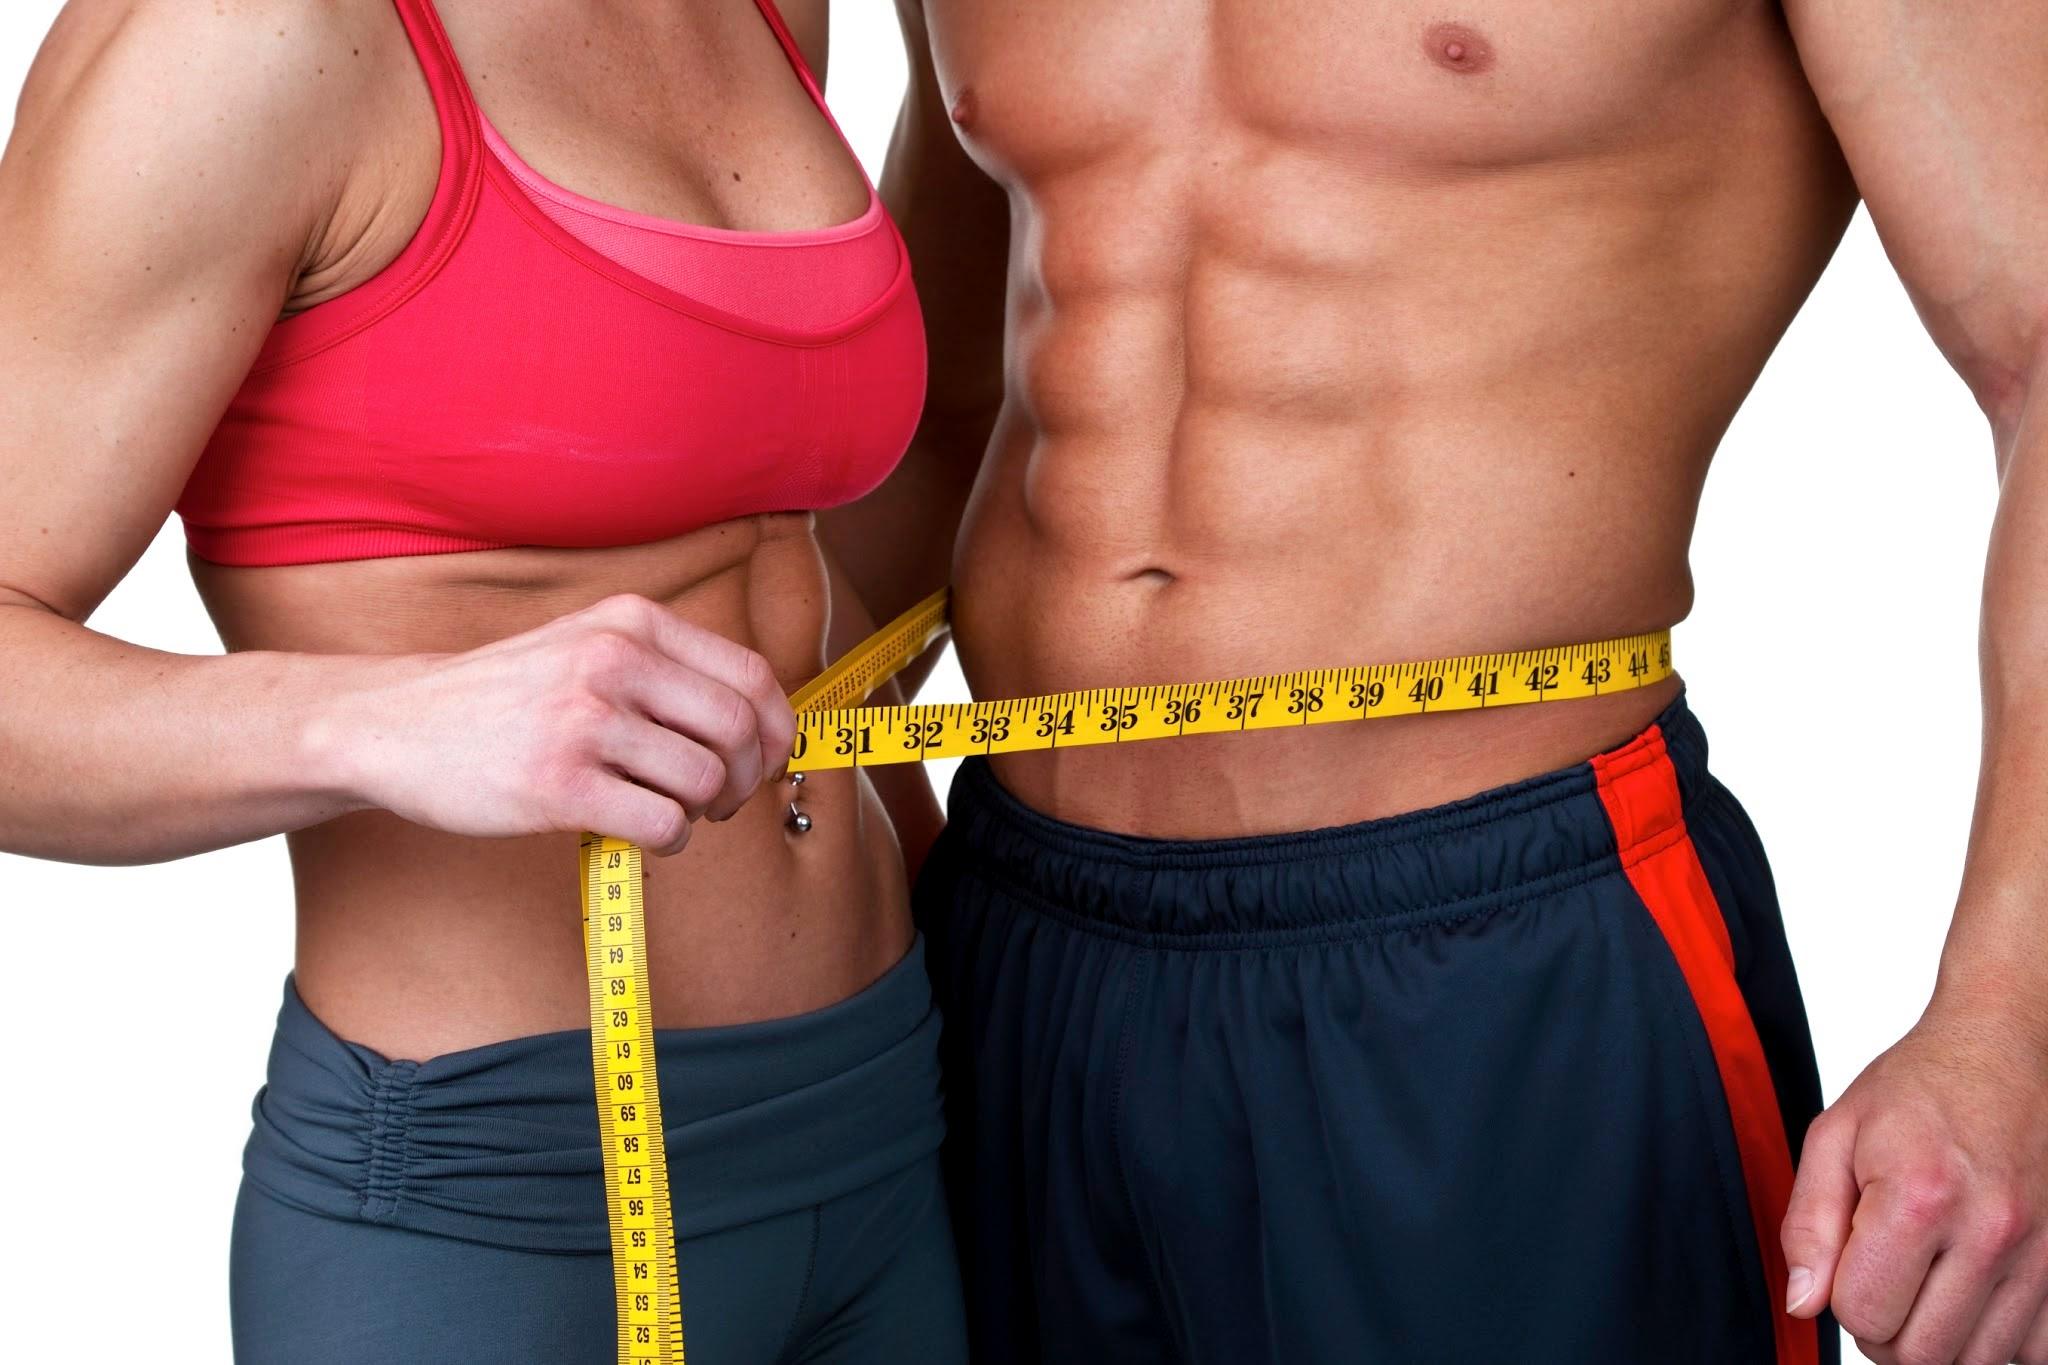 Похудеть Быстро И Эффективно Мужчине. Безопасное похудение для мужчины